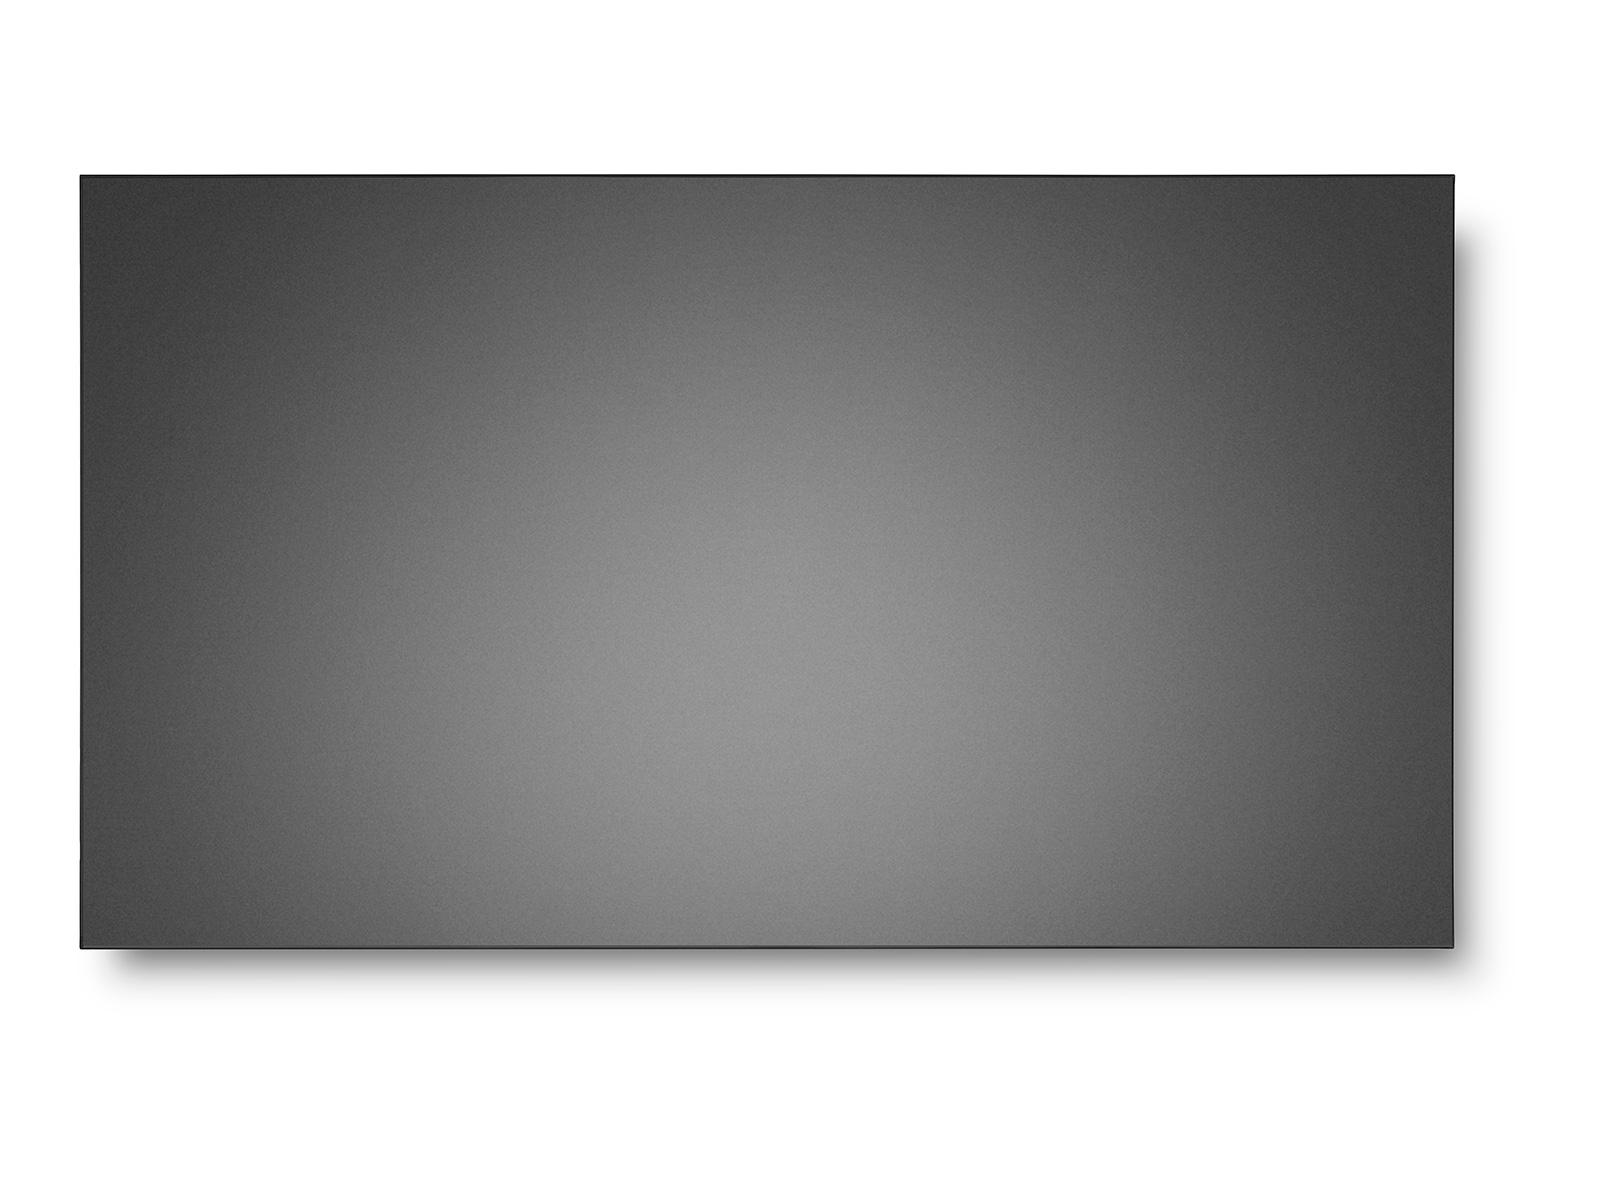 46'' LED NEC UN462VA,1920x1080,VA,24/7,500cd 60004518